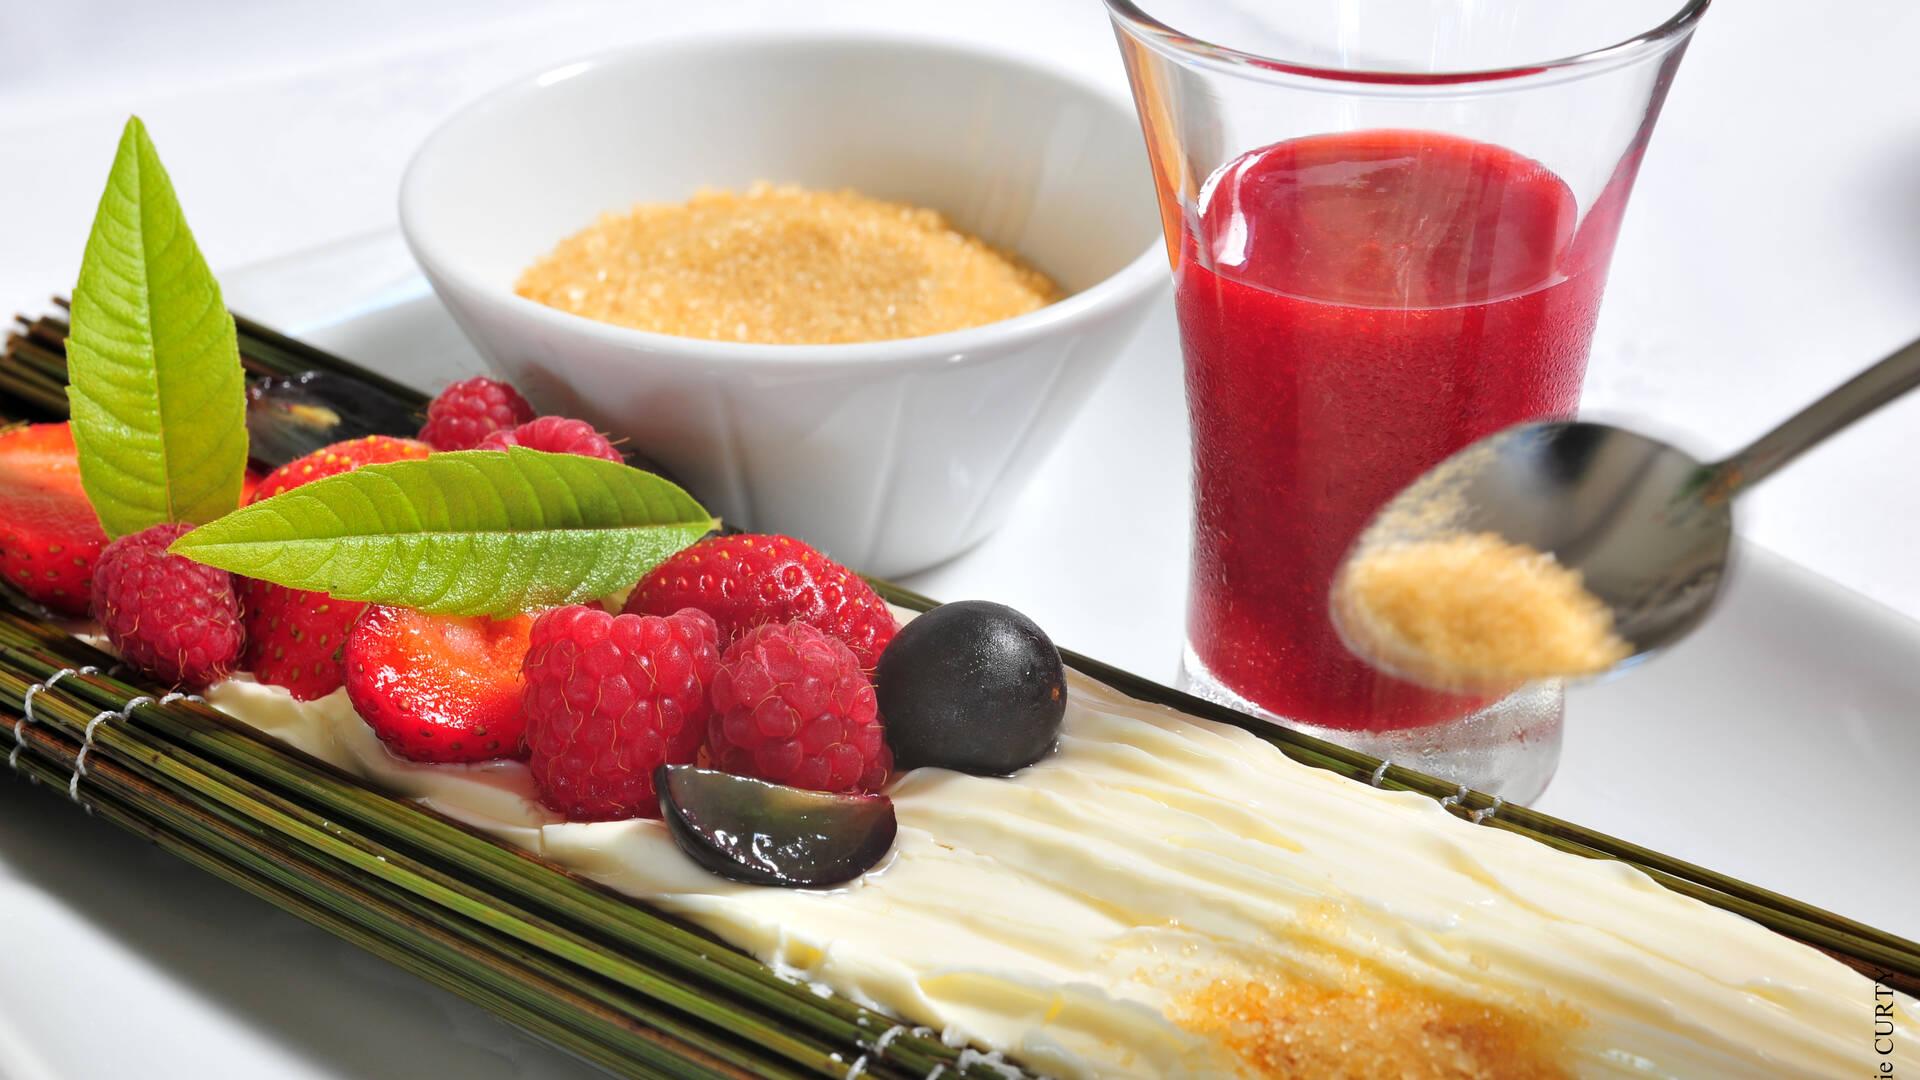 La jonchée peut s'accompagner de fruits frais, de sucre ou de confitures © Sylvie Curty